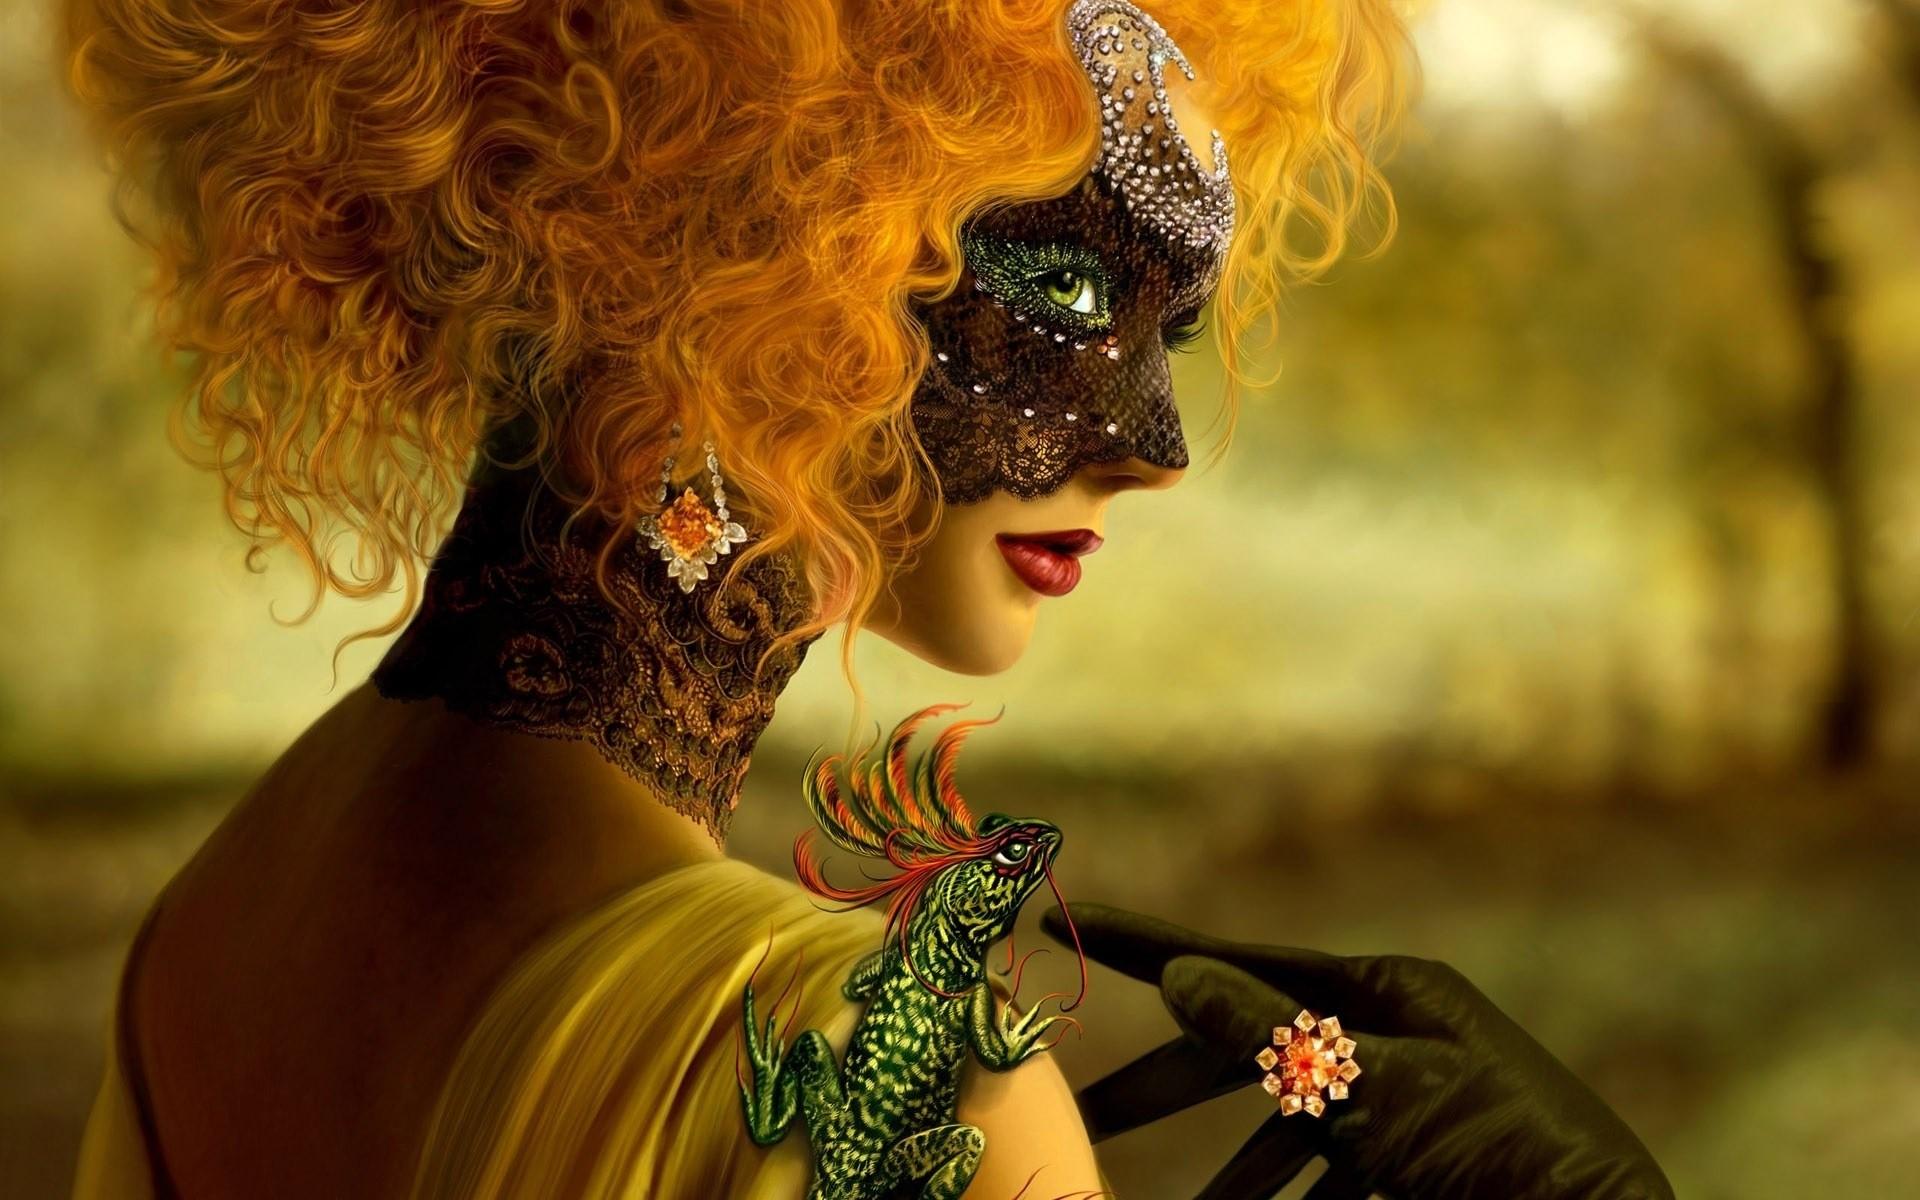 Картинки девушка загадка в маске, егорьевск памятник